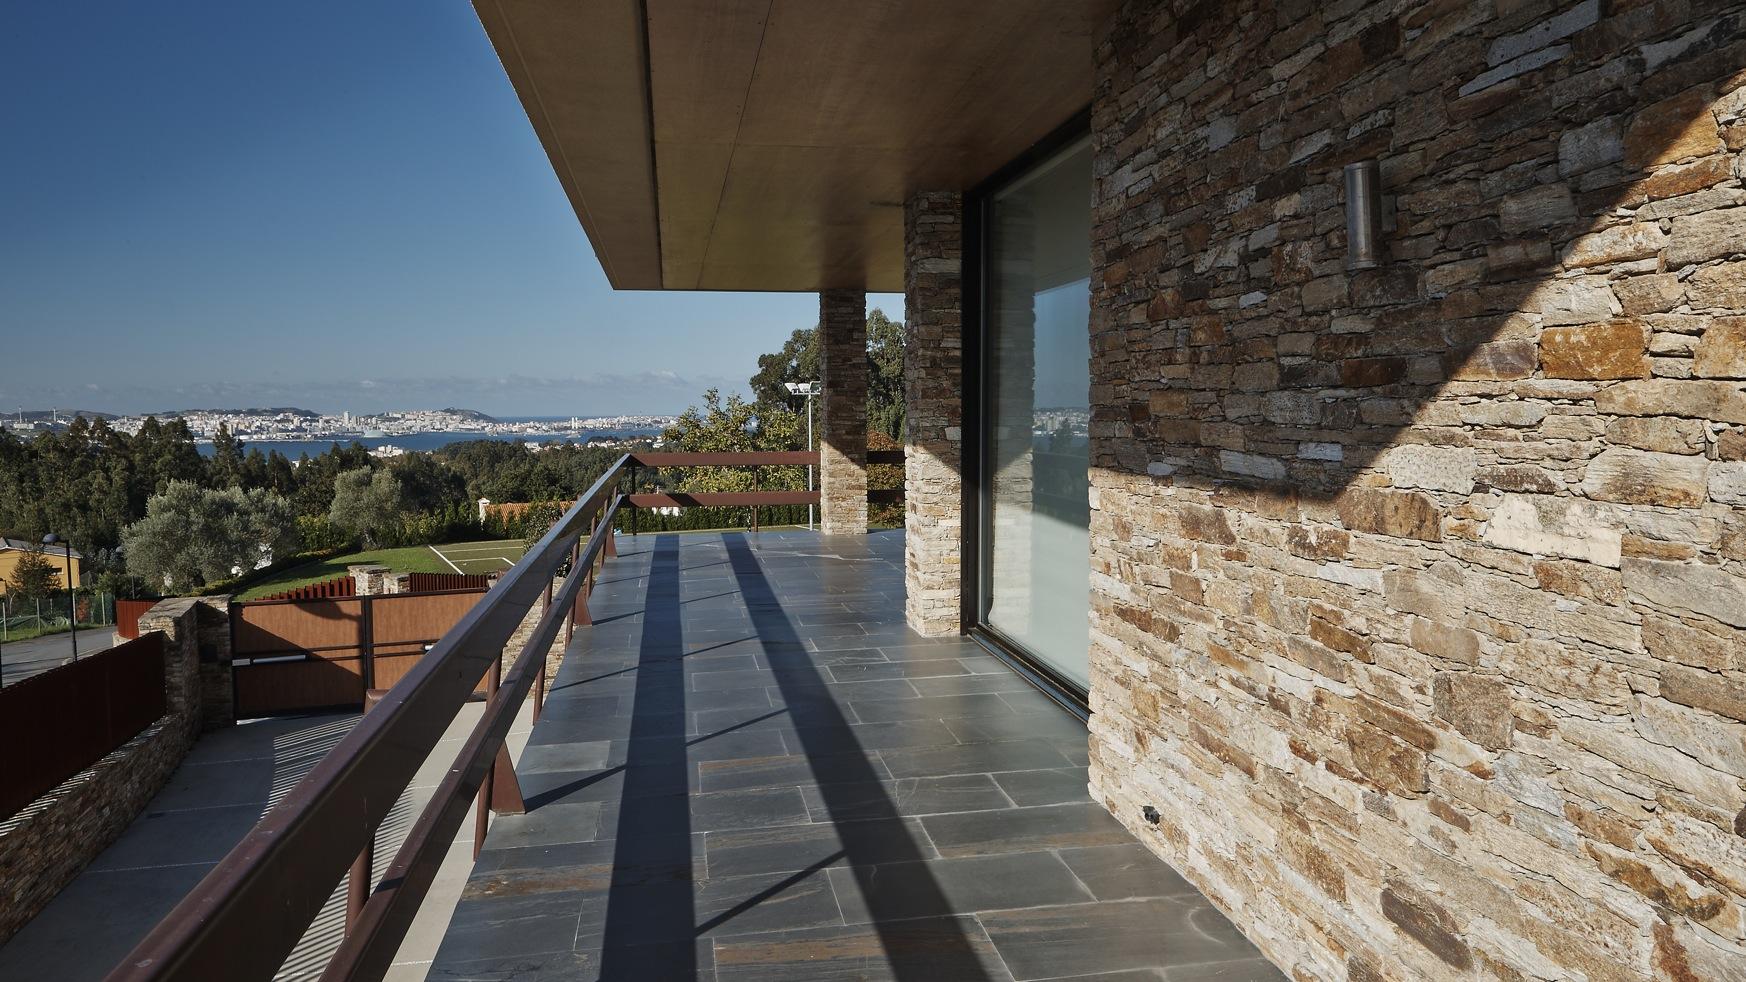 Venta exclusivo chalet situado en Oleiros - A Coruña - Ünique